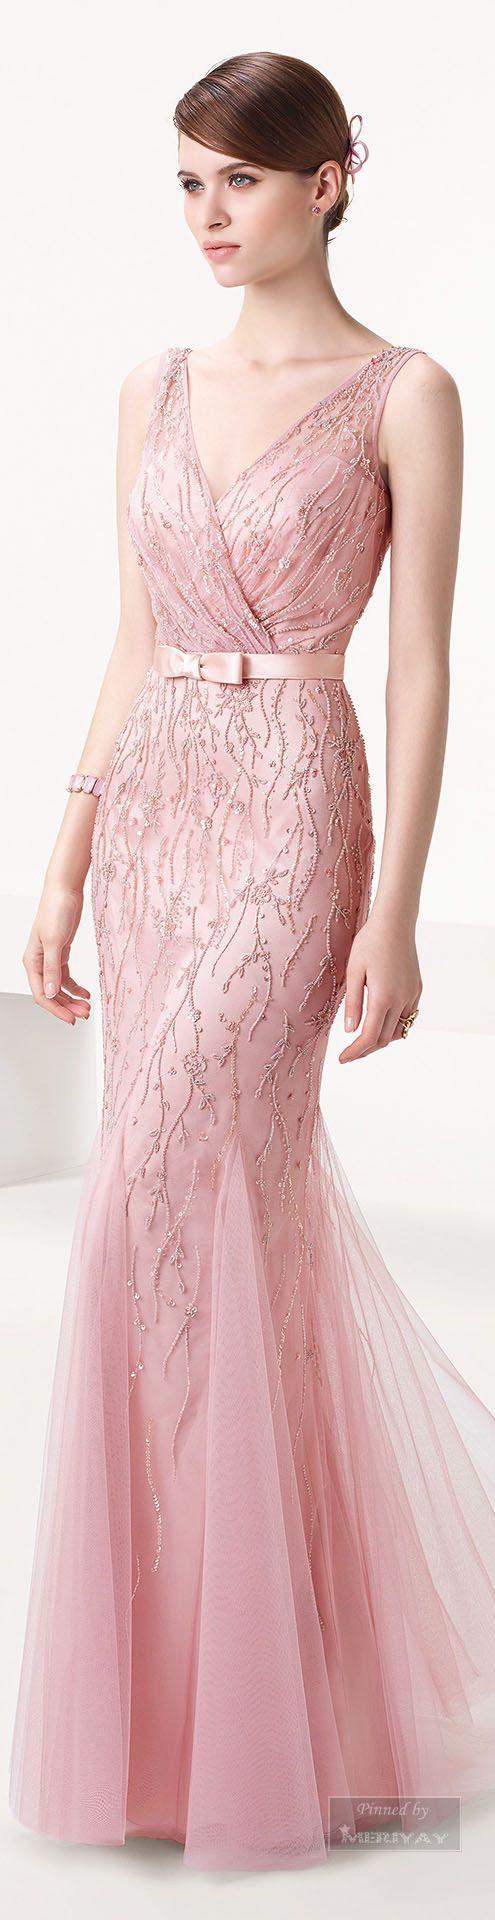 Pin de Mercedes 21 en Dress-up | Pinterest | Vestiditos, Vestido de ...